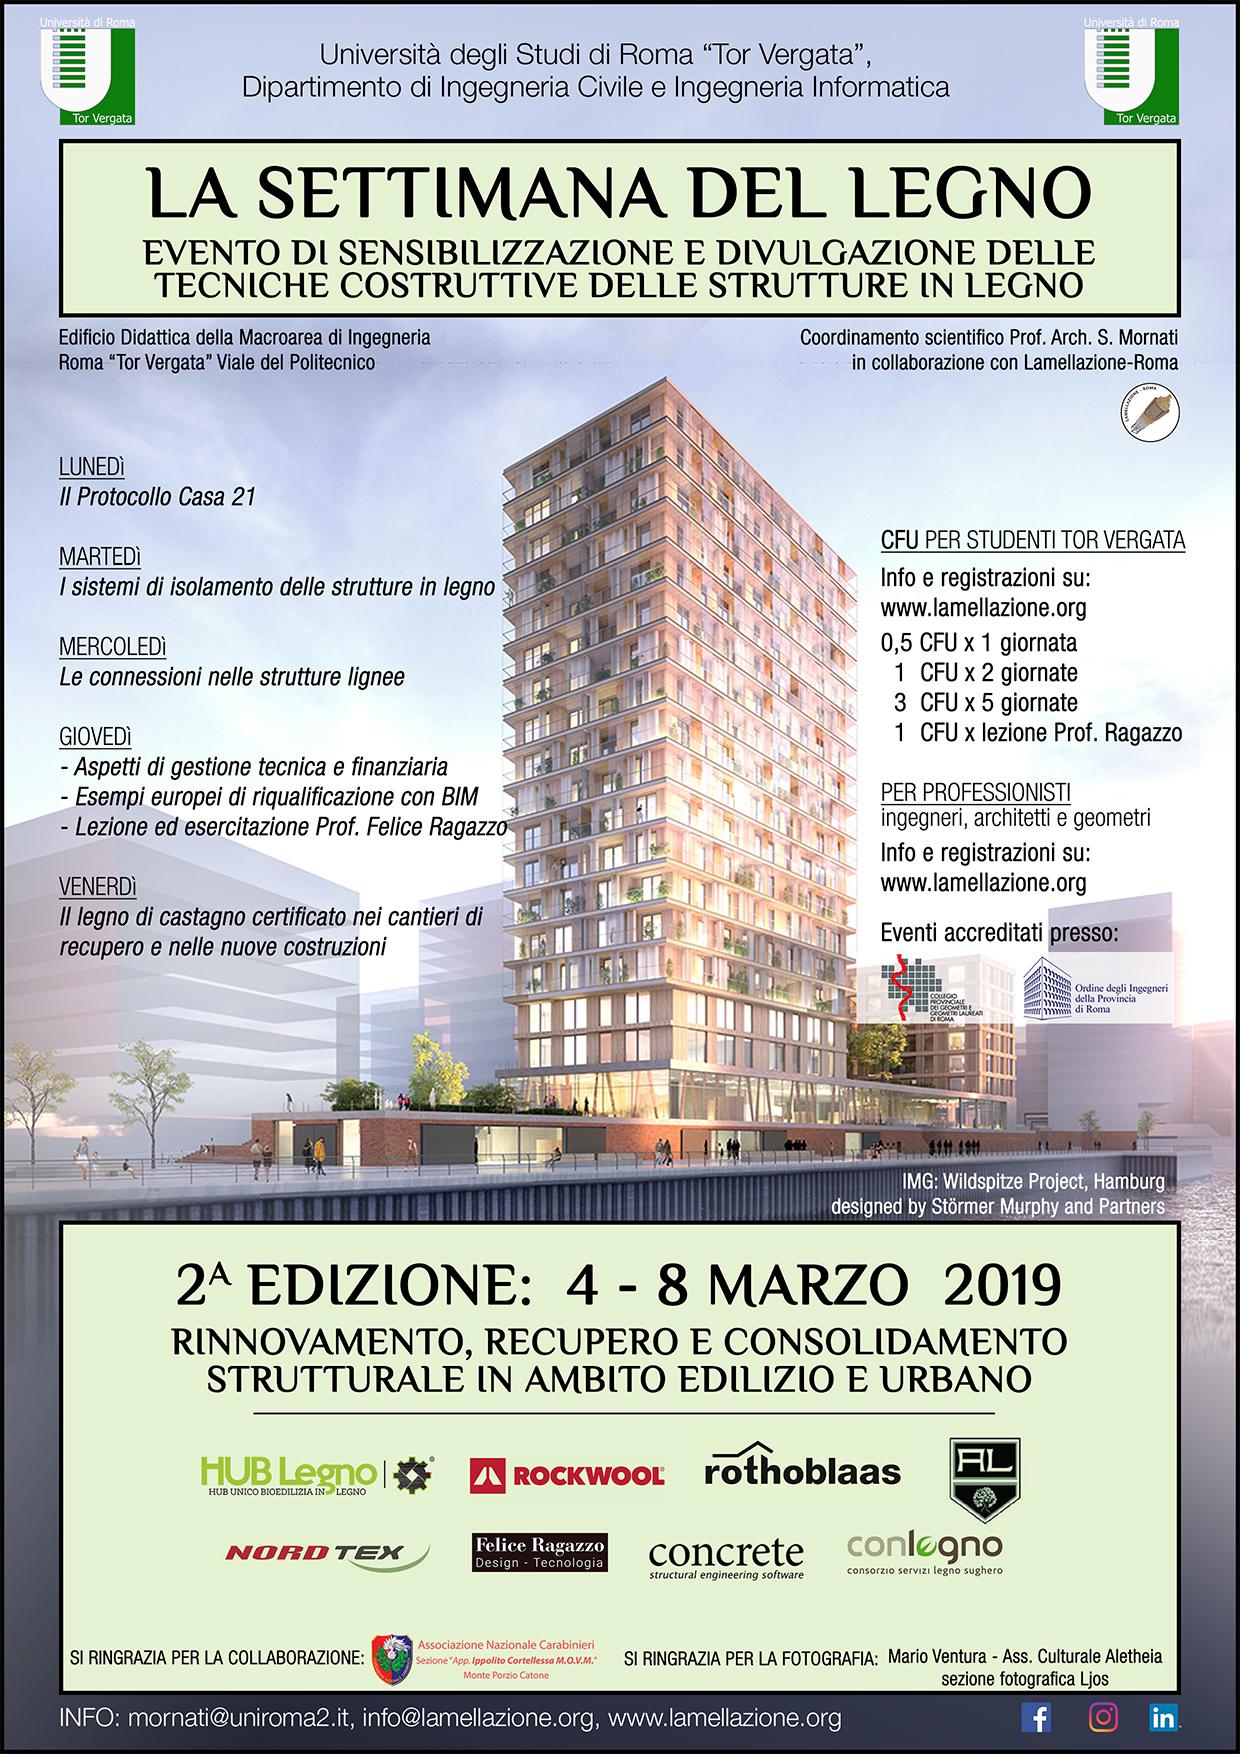 Calendario Lezioni Tor Vergata Ingegneria.La Settimana Del Legno 2019 Lamellazione Roma